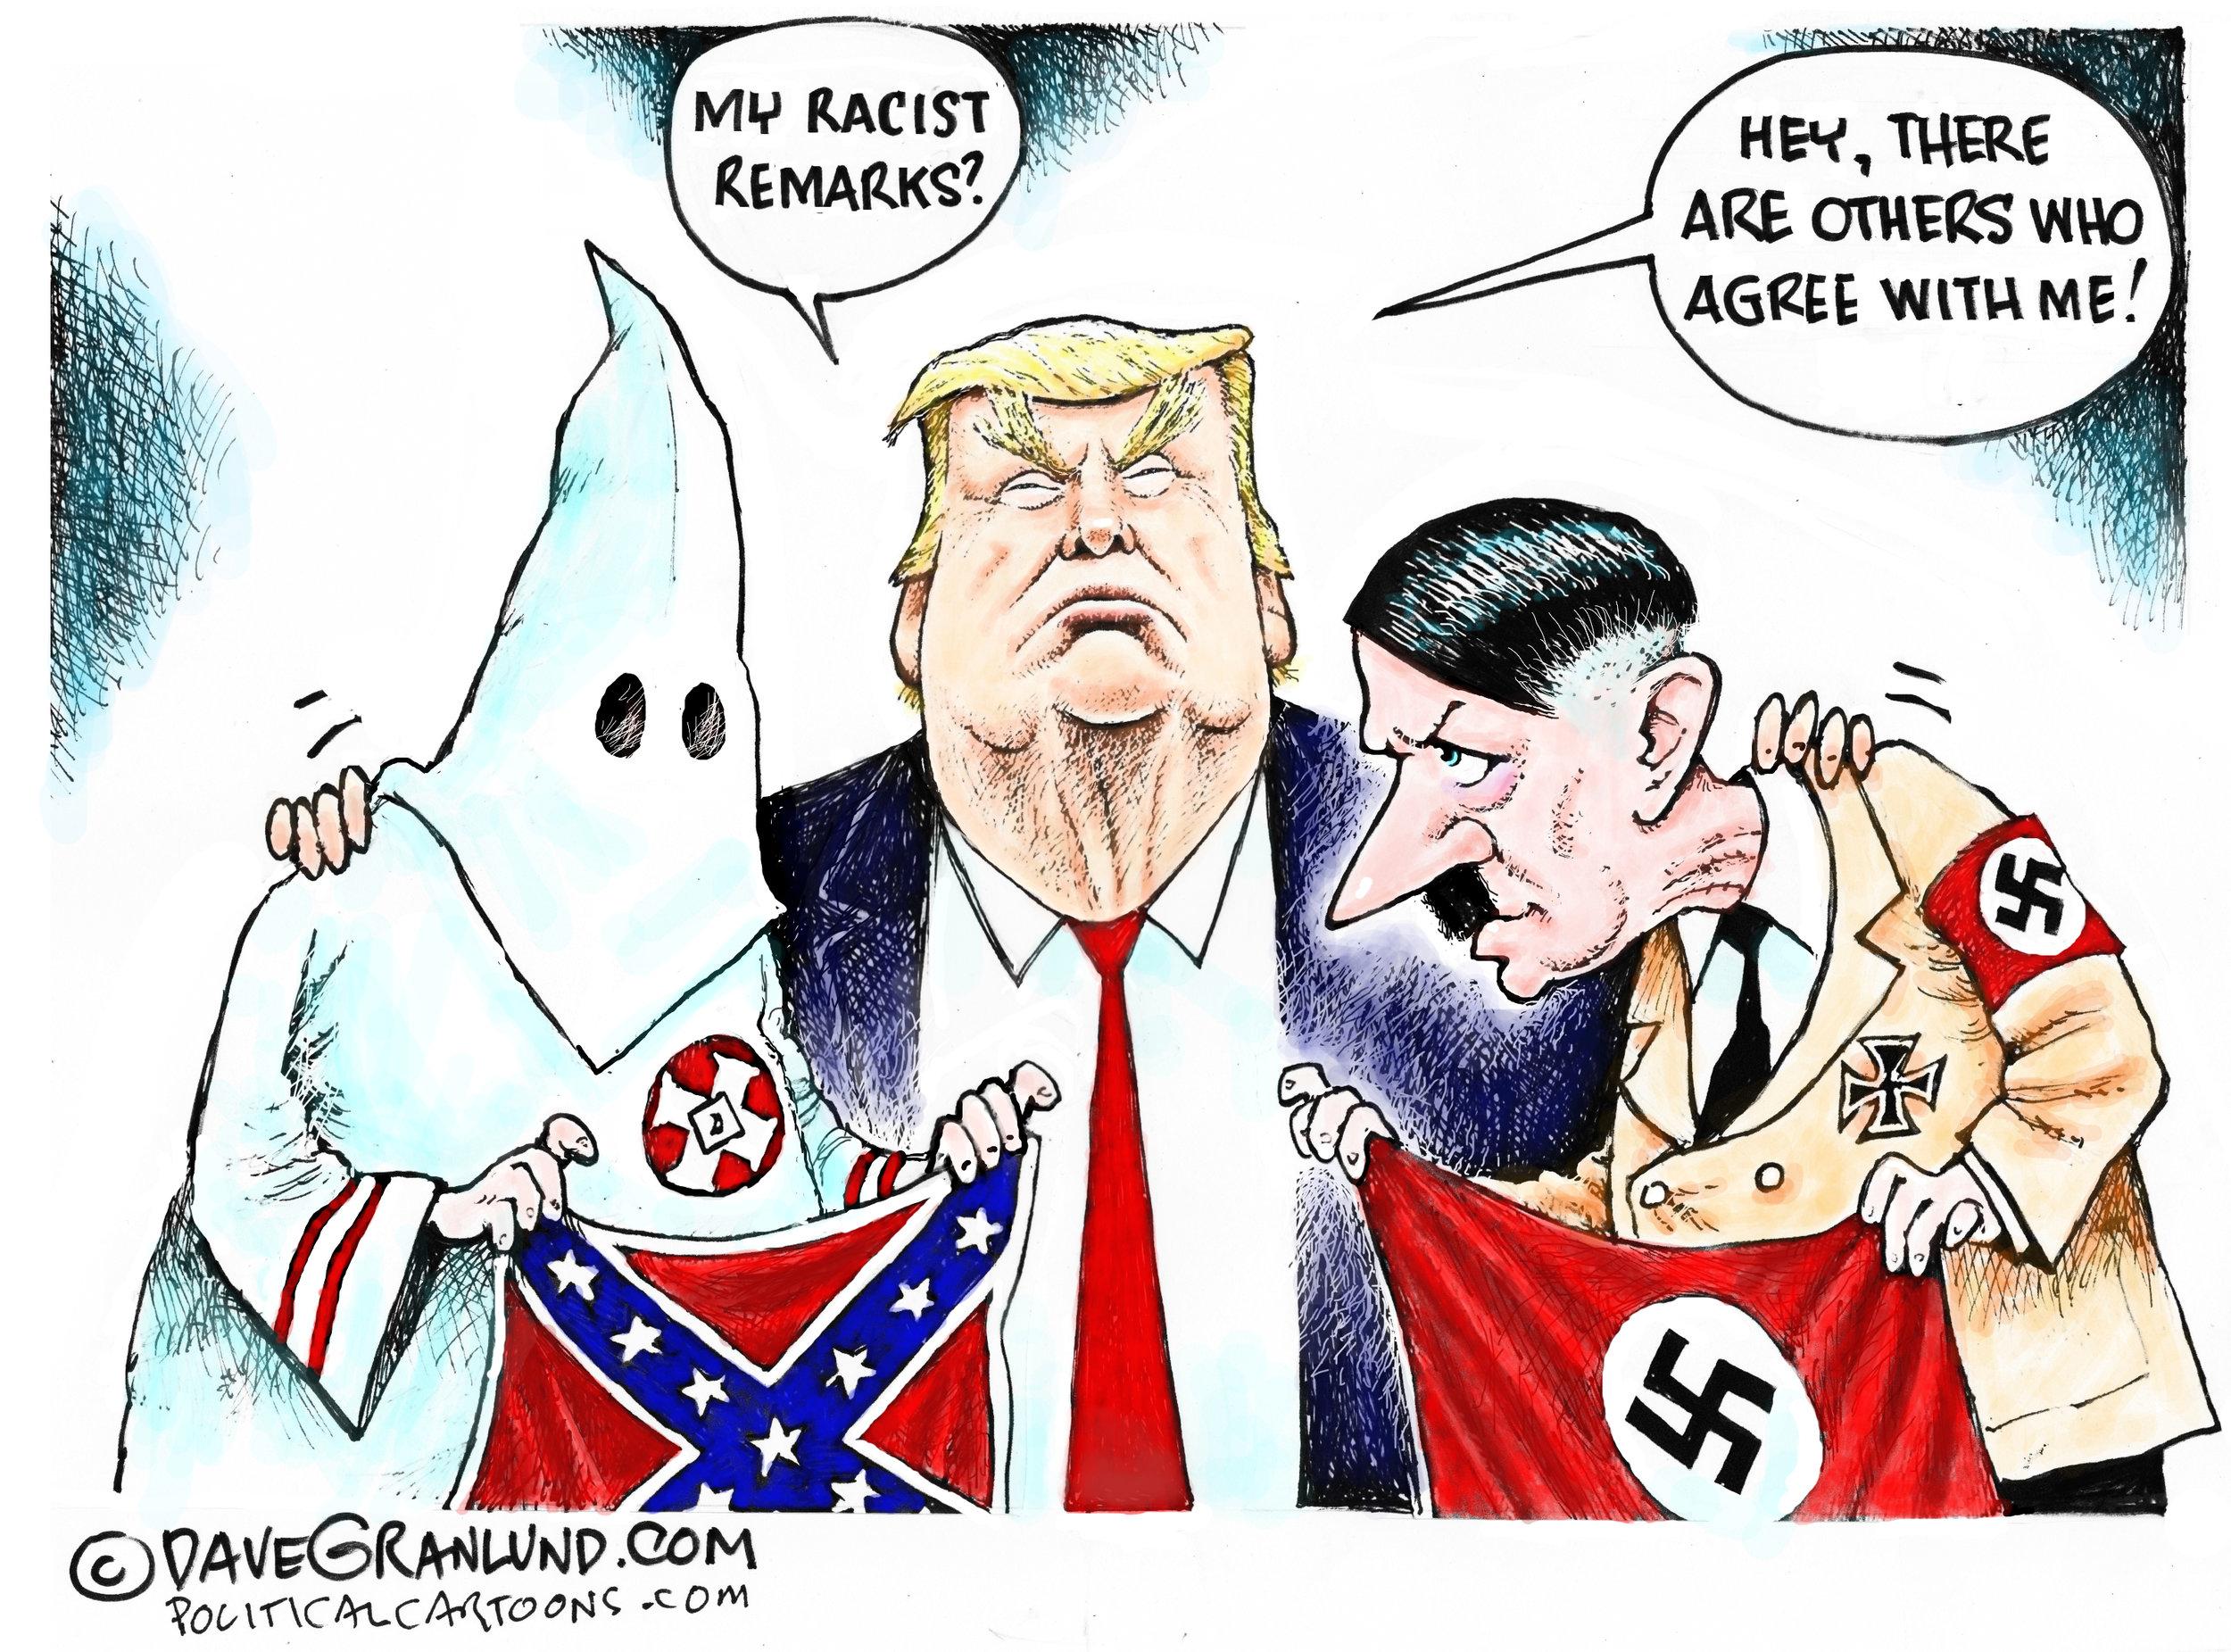 Trump Racist Remarks ( Dave Granlund )